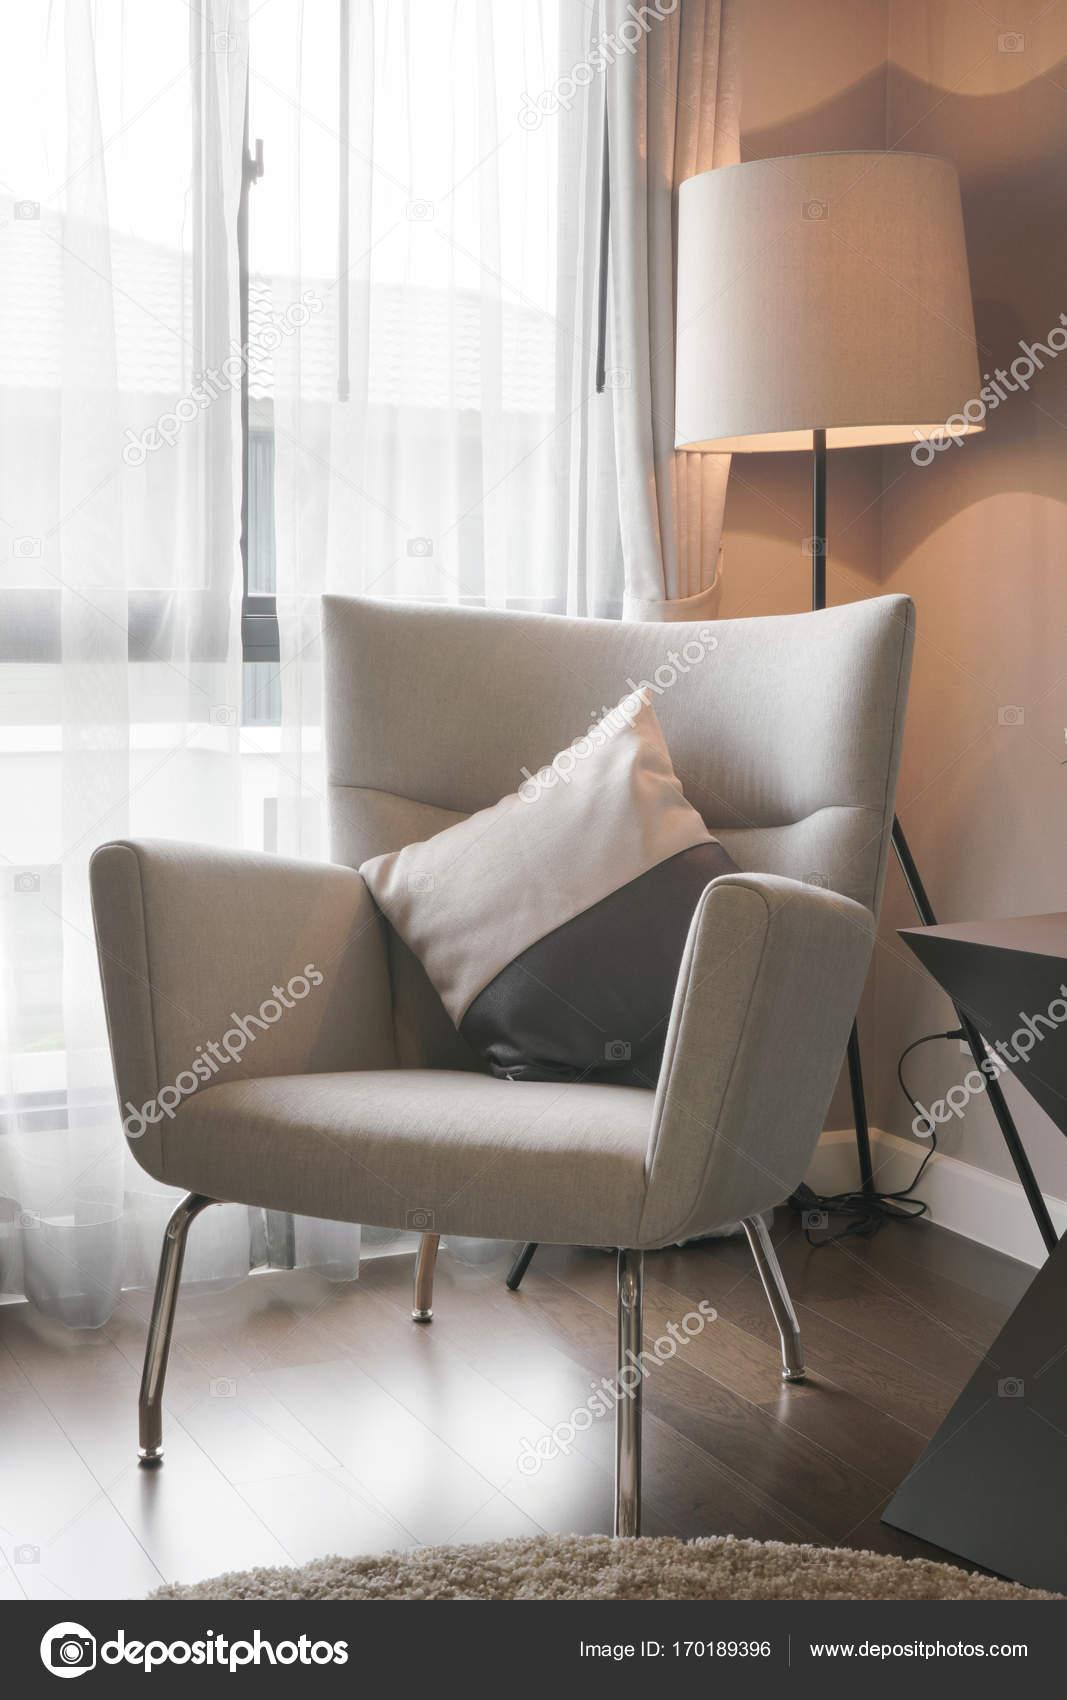 https://st3.depositphotos.com/6200870/17018/i/1600/depositphotos_170189396-stockafbeelding-moderne-klassieke-stijl-fauteuil-met.jpg